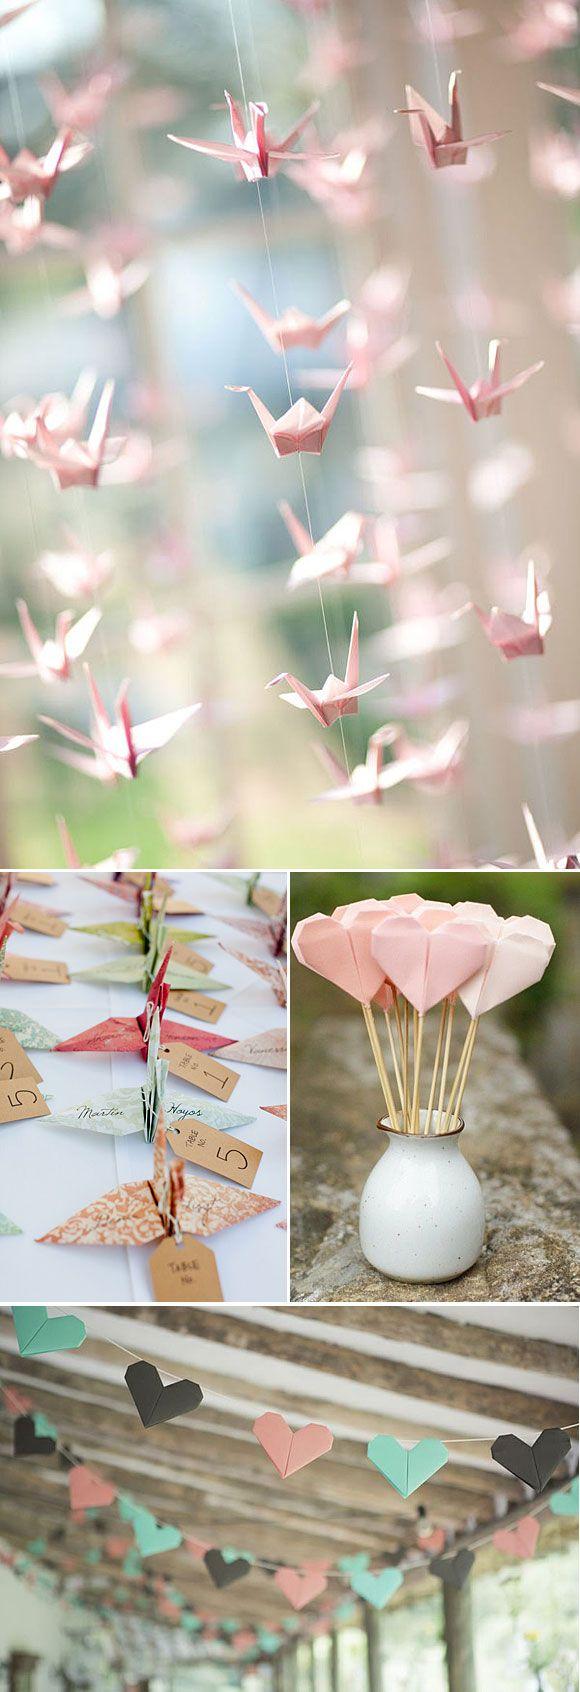 Origami pour fêtes mariages Wedding